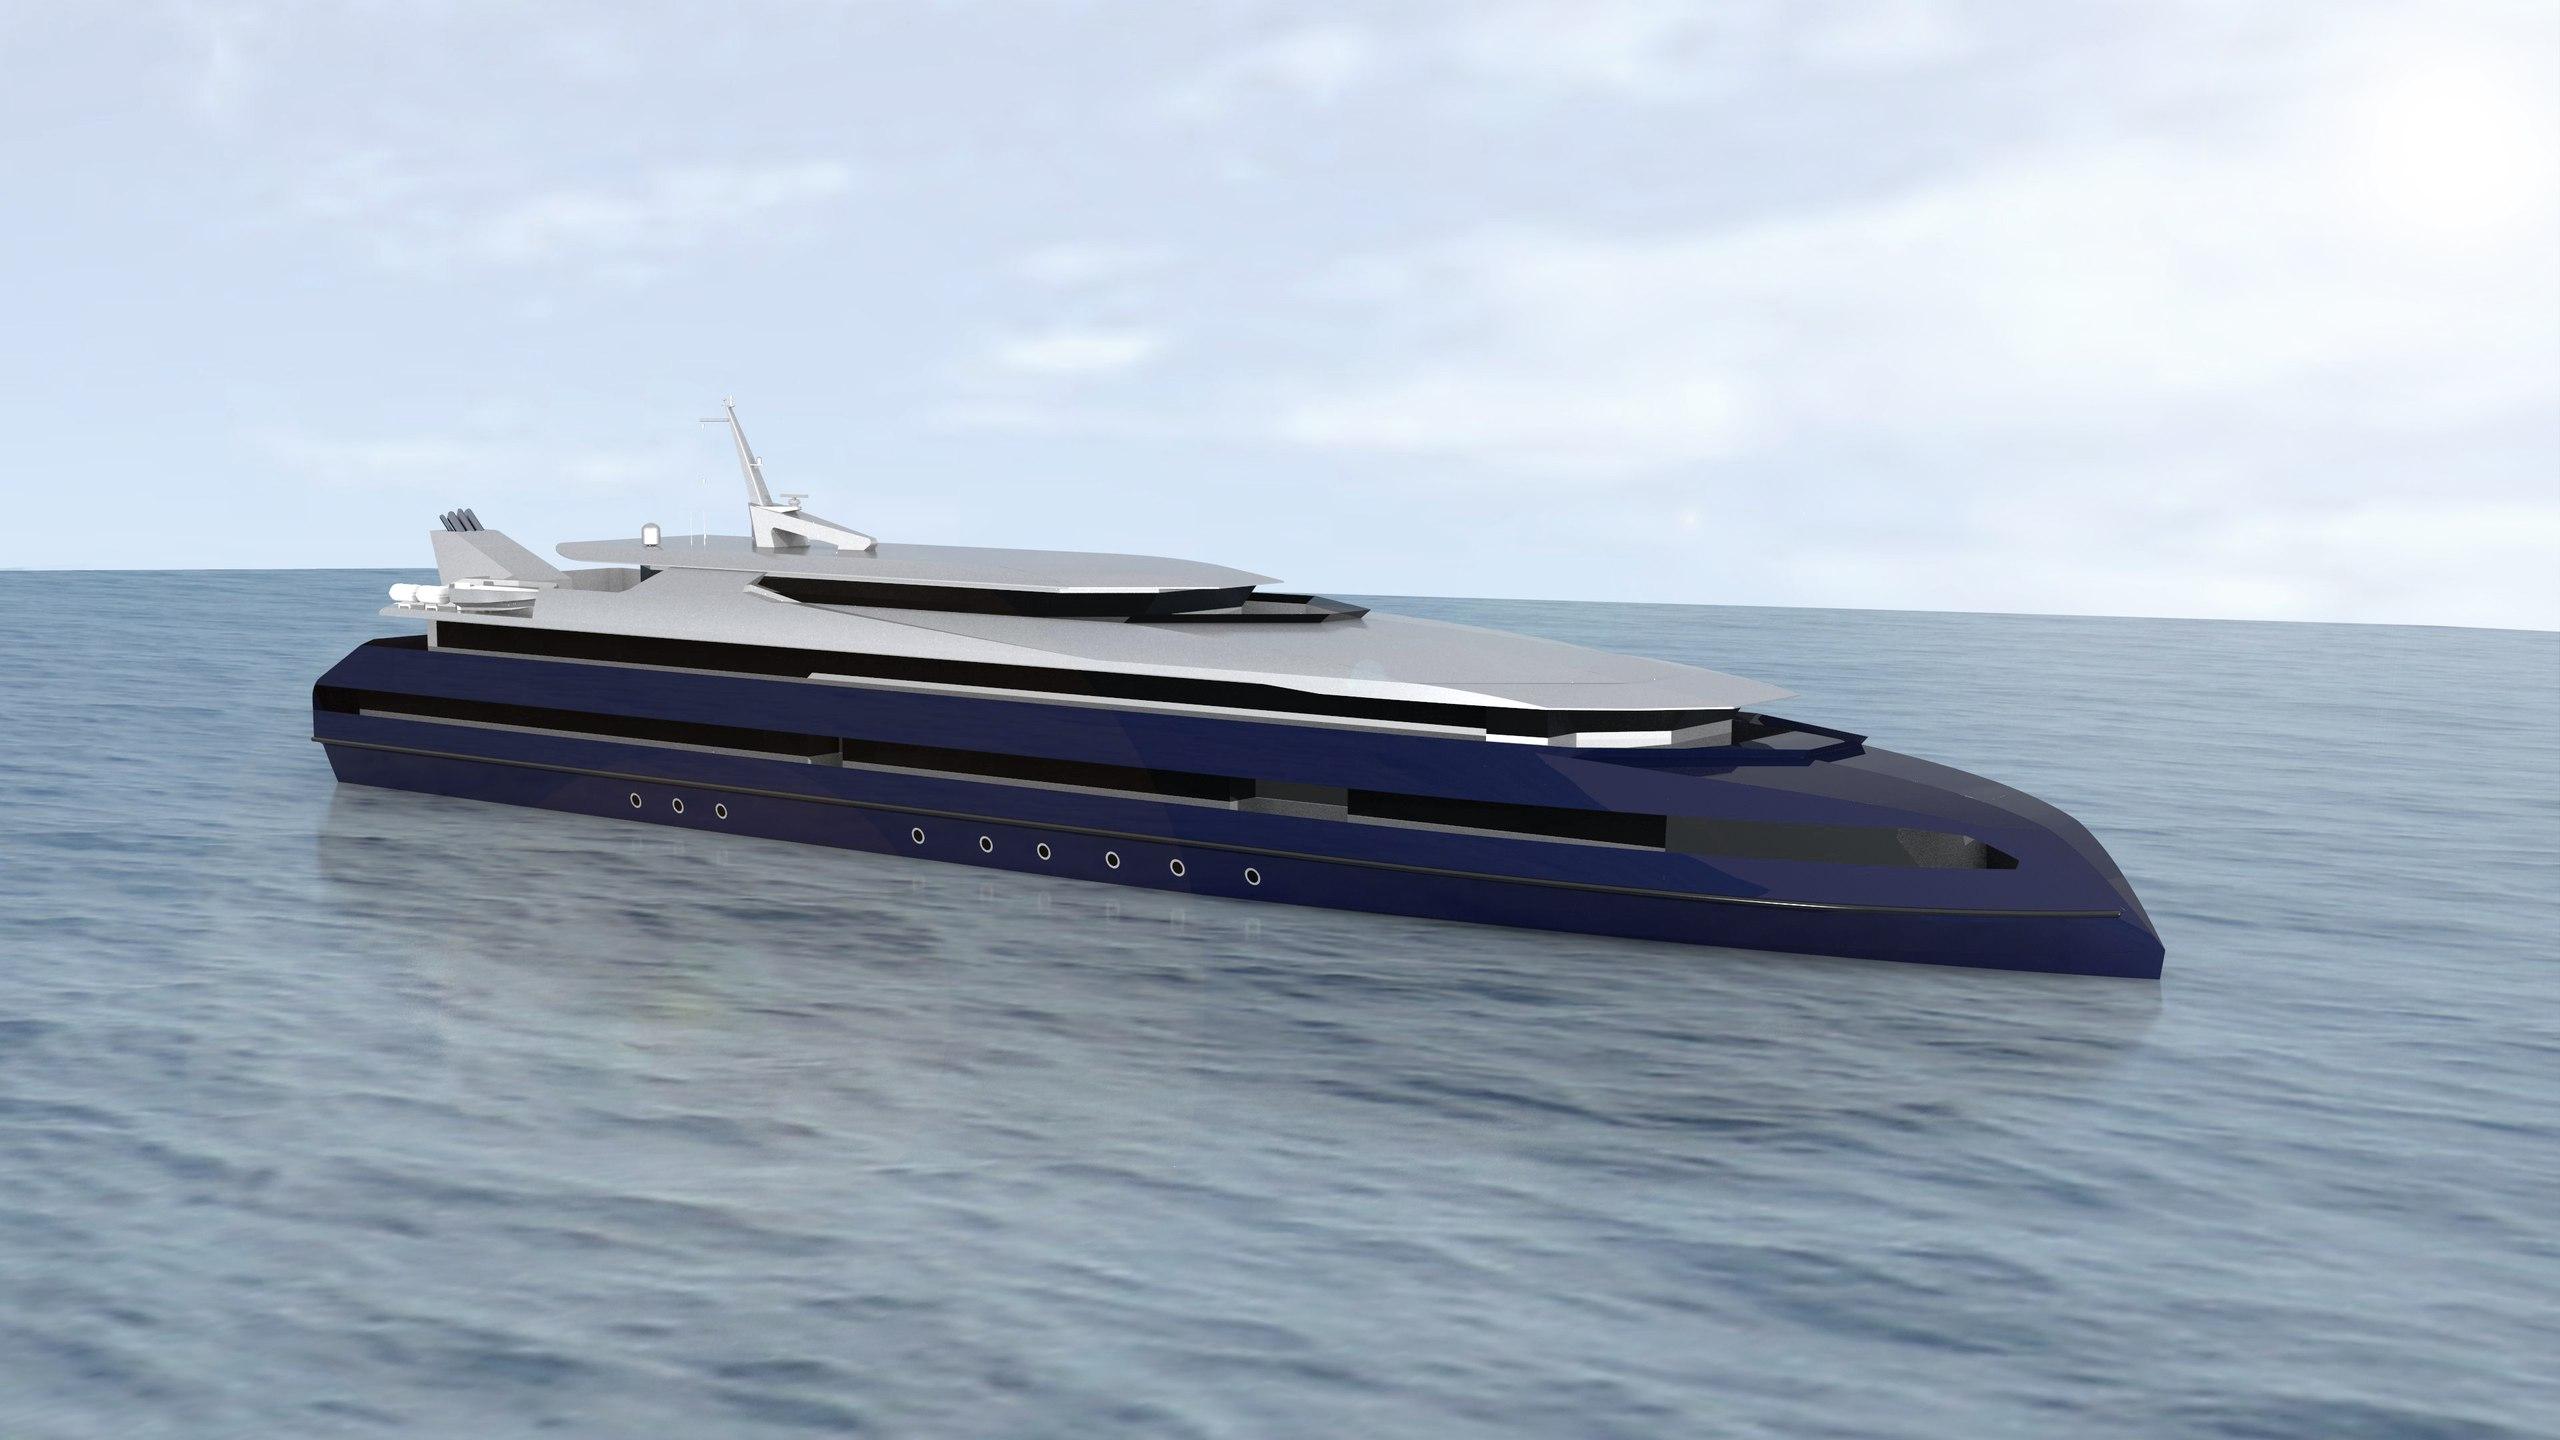 Проект А45-90.2 представляет собой однокорпусное судно с двумя пассажирскими палубами, рестораном, прогулочной палубой и рулевой рубкой, расположенной в носовой части судна на палубе надстройки, с кормовым расположением машинного отделения, трехвальной дизельной энергетической установкой. В отличие от теплоходов предыдущего поколения проект отвечает современным требованиям к комфортности размещения пассажиров и экипажа на судне и уровню отделки жилых помещений.